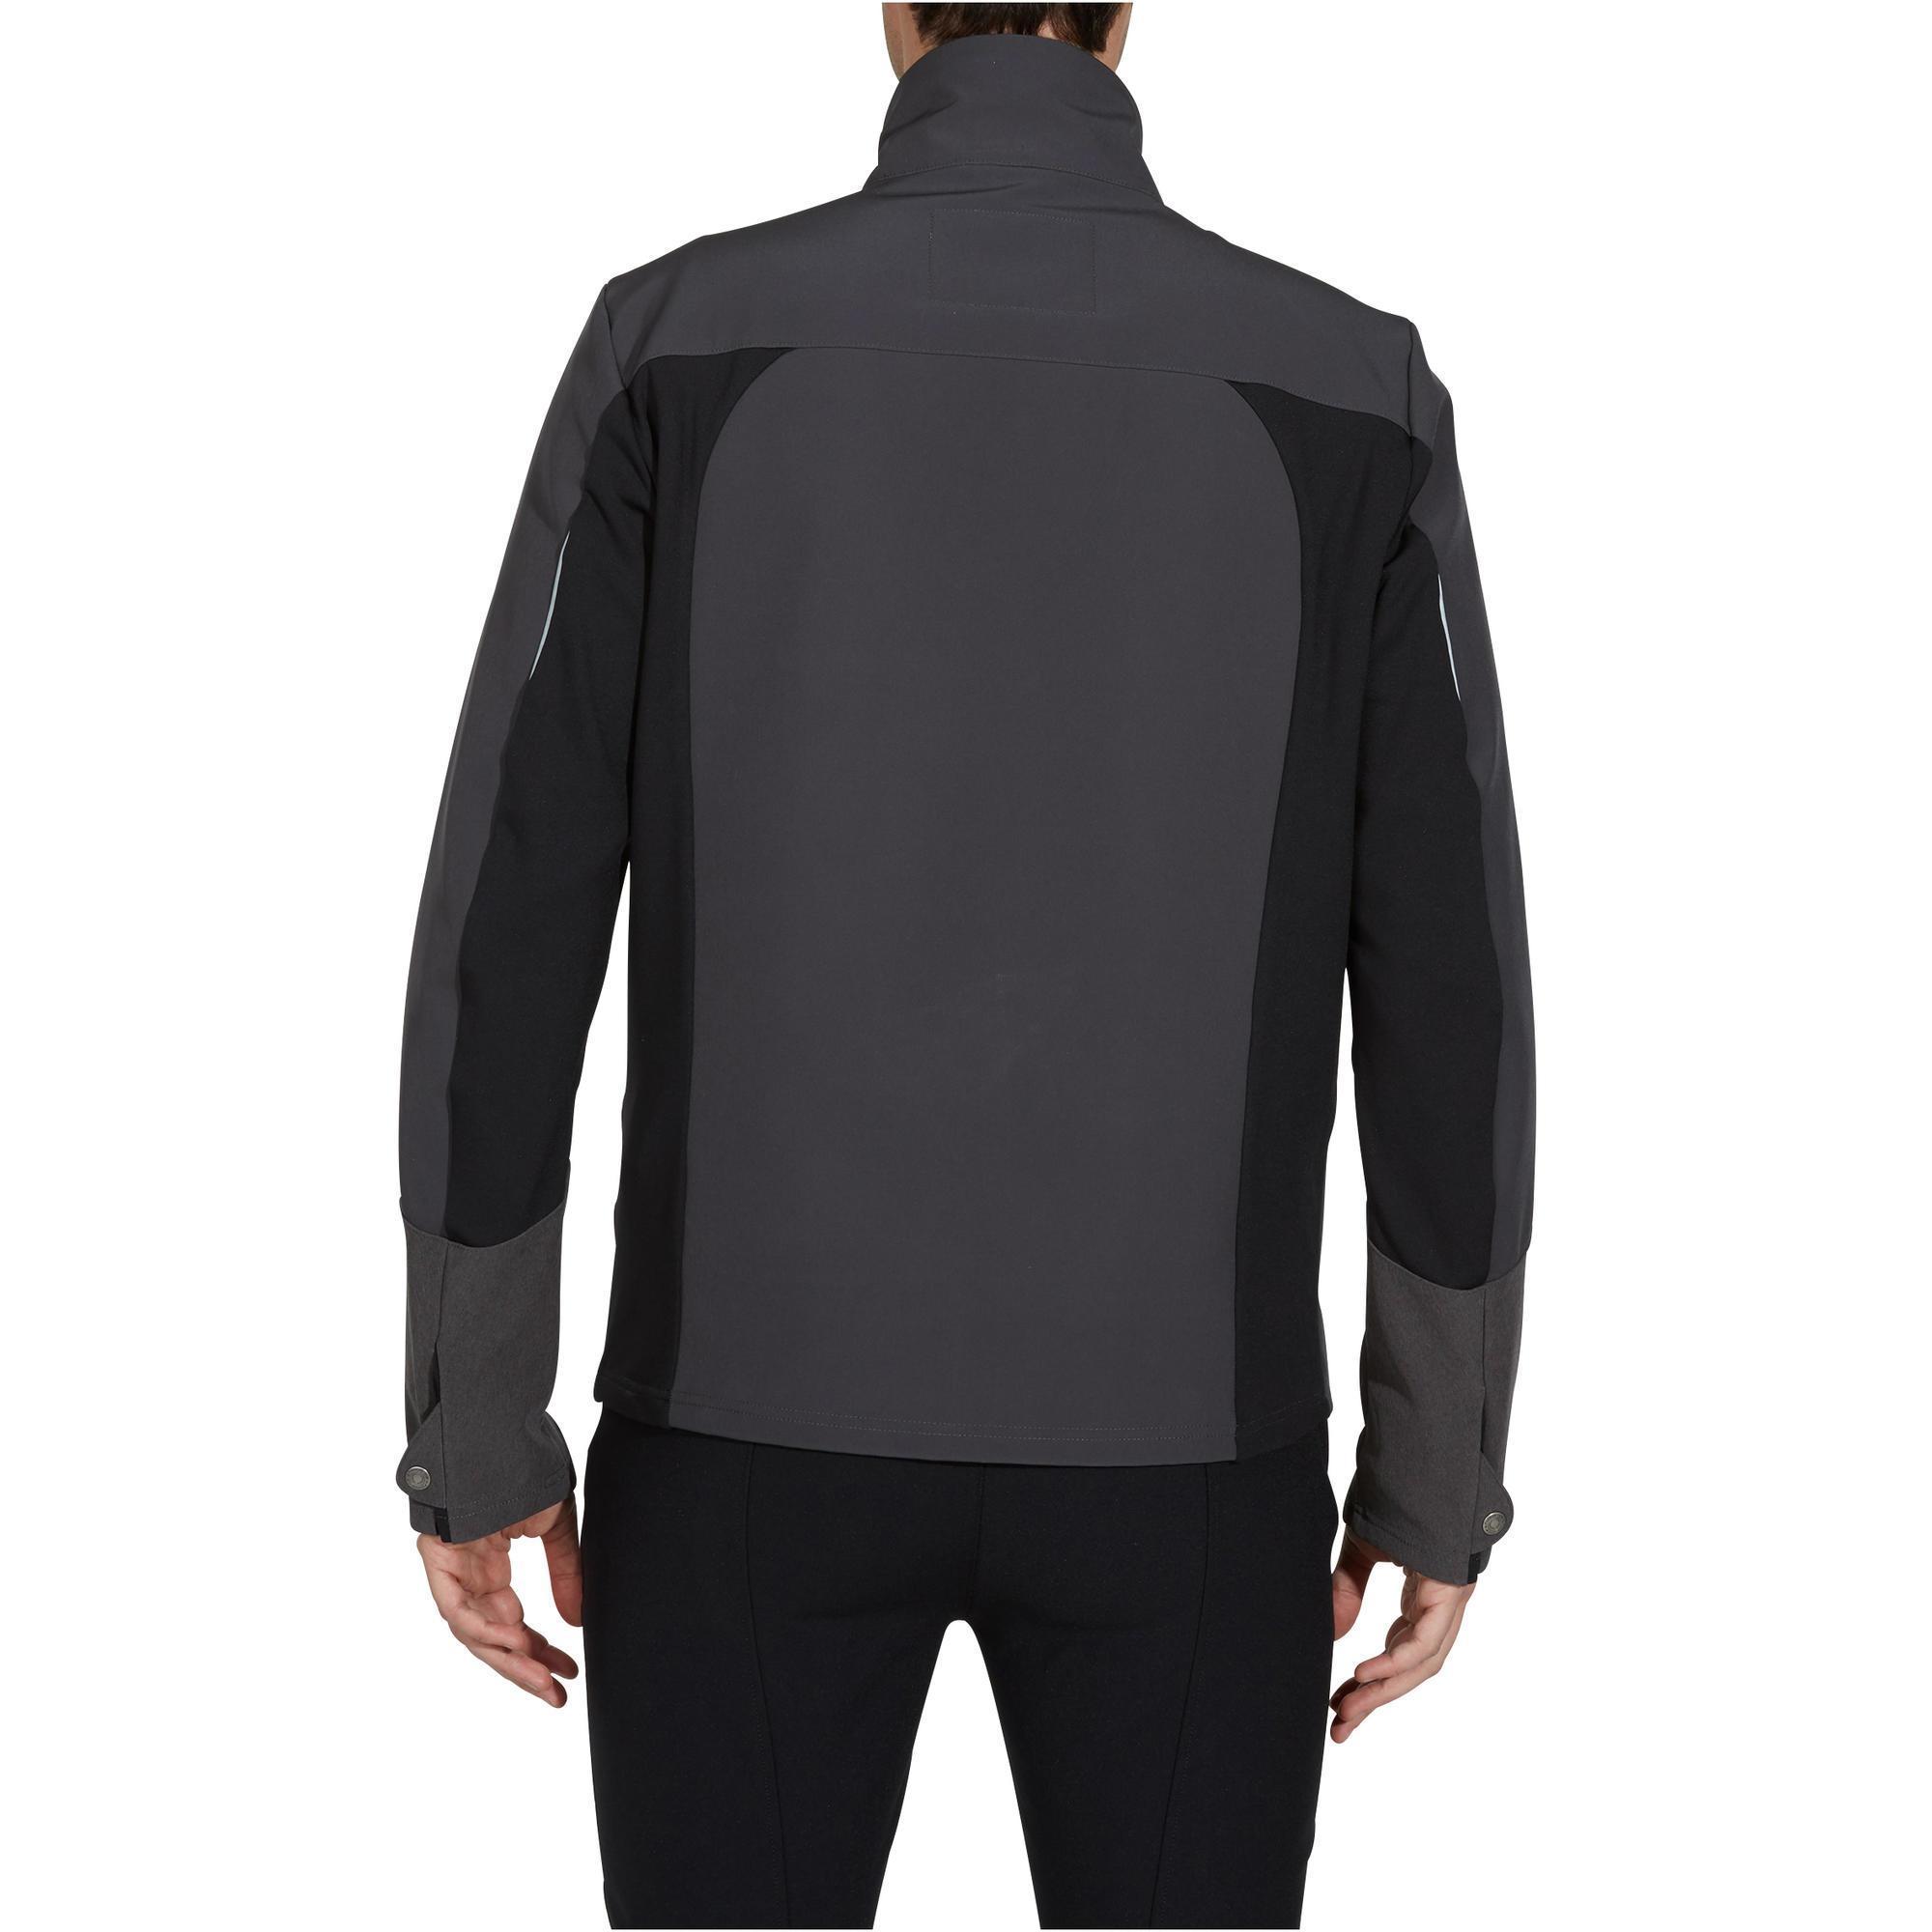 Chaqueta softshell equitación hombre gris oscuro fouganza jpg 700x700 Soft  shell 07a51ad62820